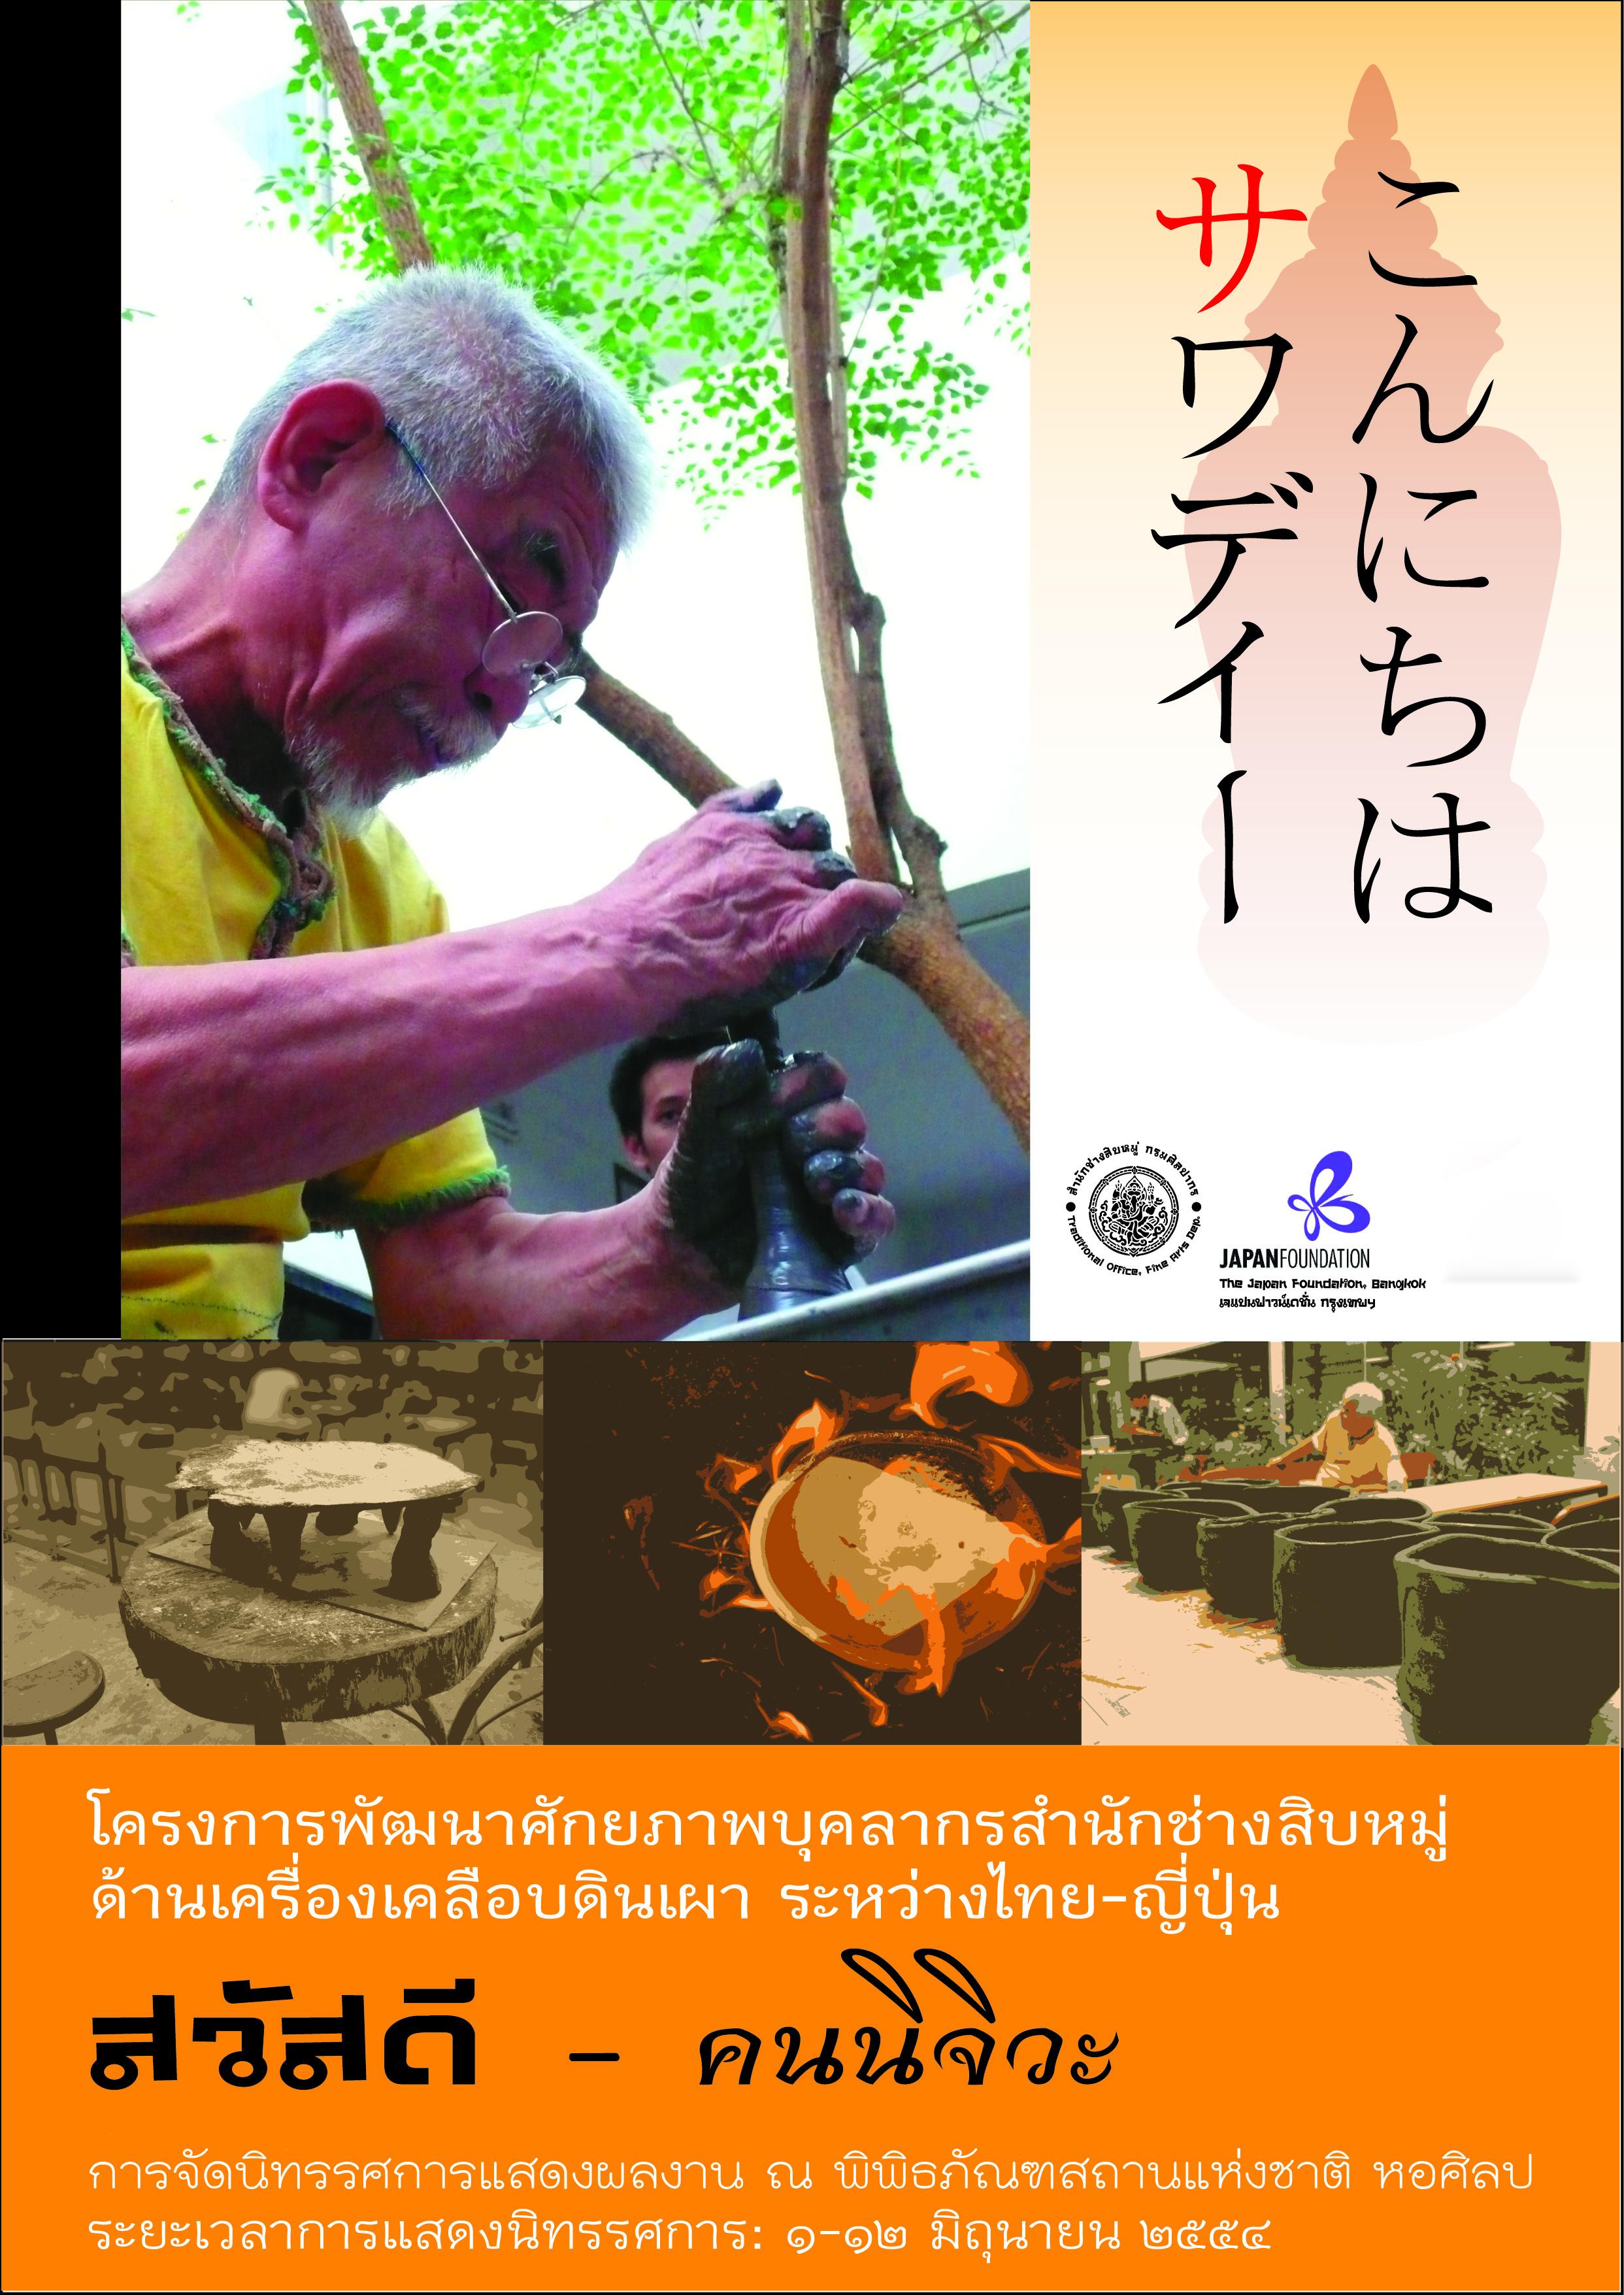 โครงการพัฒนาศักยภาพบุคลากรสำนักช่างสิบหมู่ ด้าน เครื่องเคลือบดินเผา ระหว่างไทย - ญี่ปุ่น ปีงบประมาณ